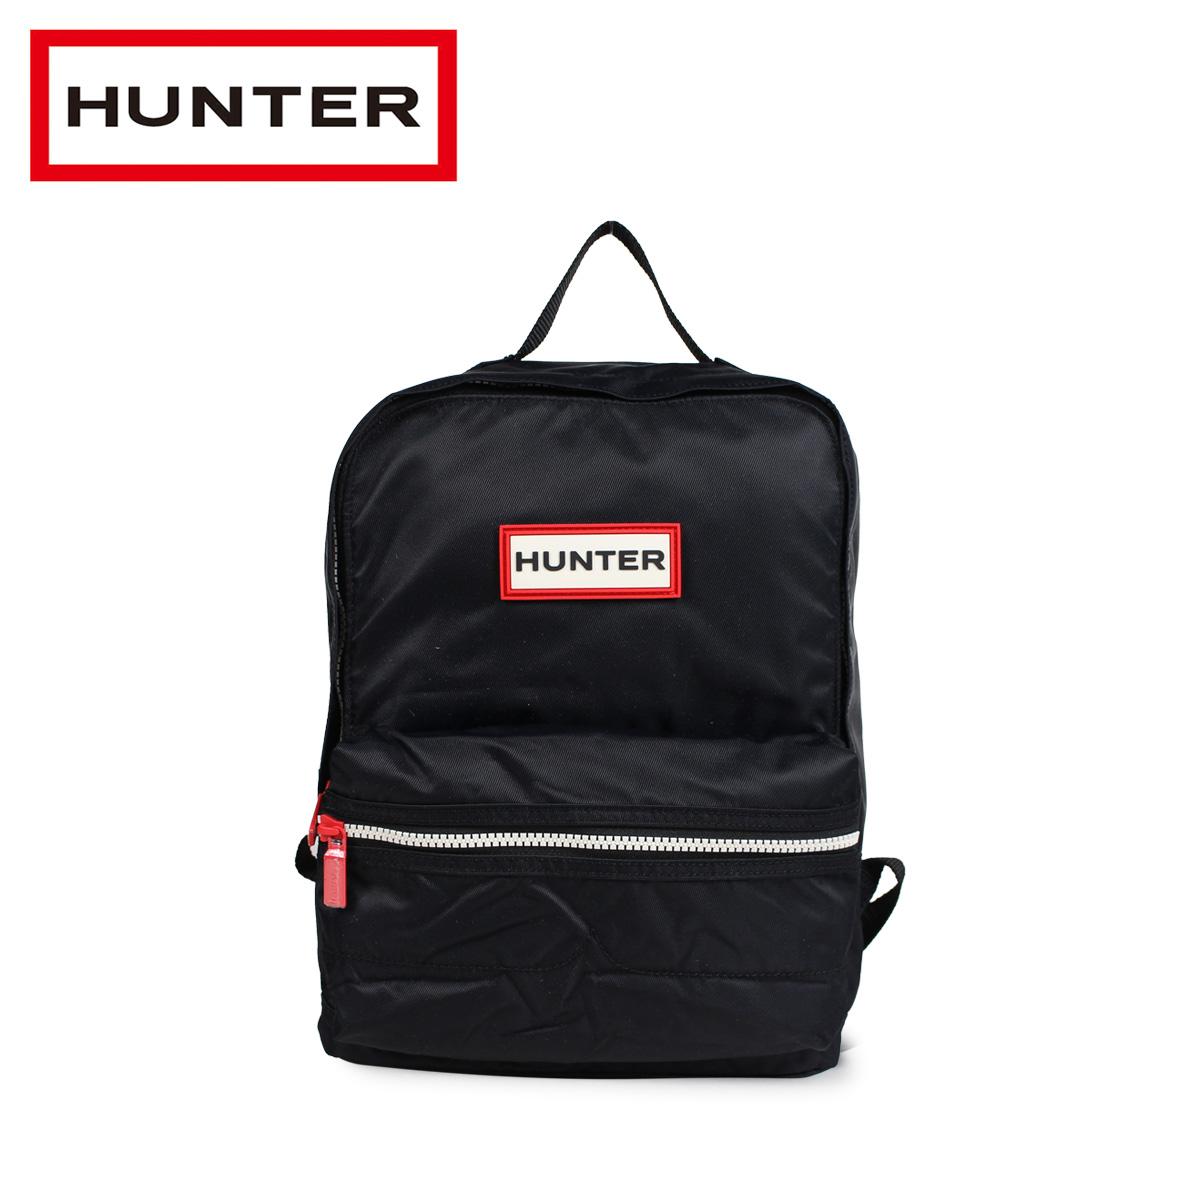 8ca9cc228e Sugar Online Shop  HUNTER hunter rucksack bag backpack kids Lady s men KIDS  ORIGINAL BACKPACK black JBB6005KBM  2 20 Shinnyu load